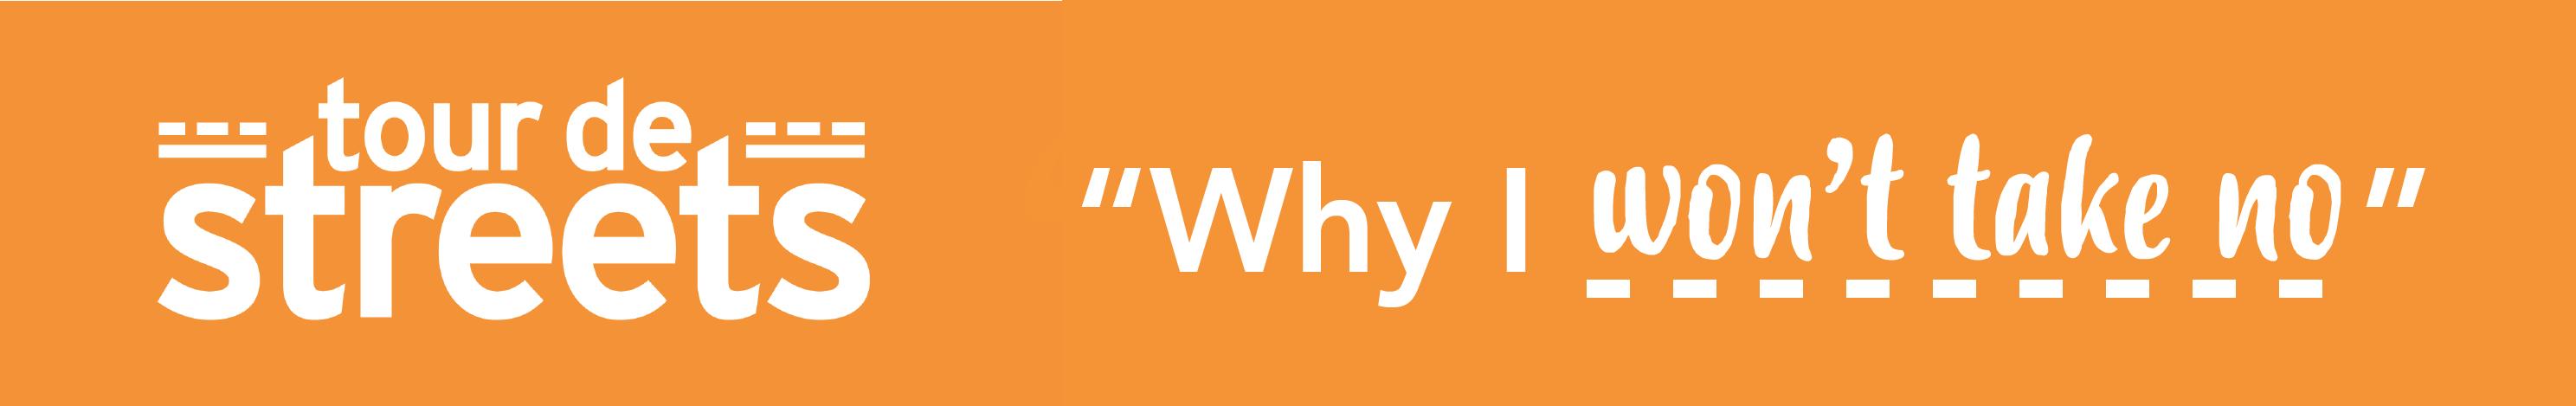 WhyIWontTakeNo-01.png